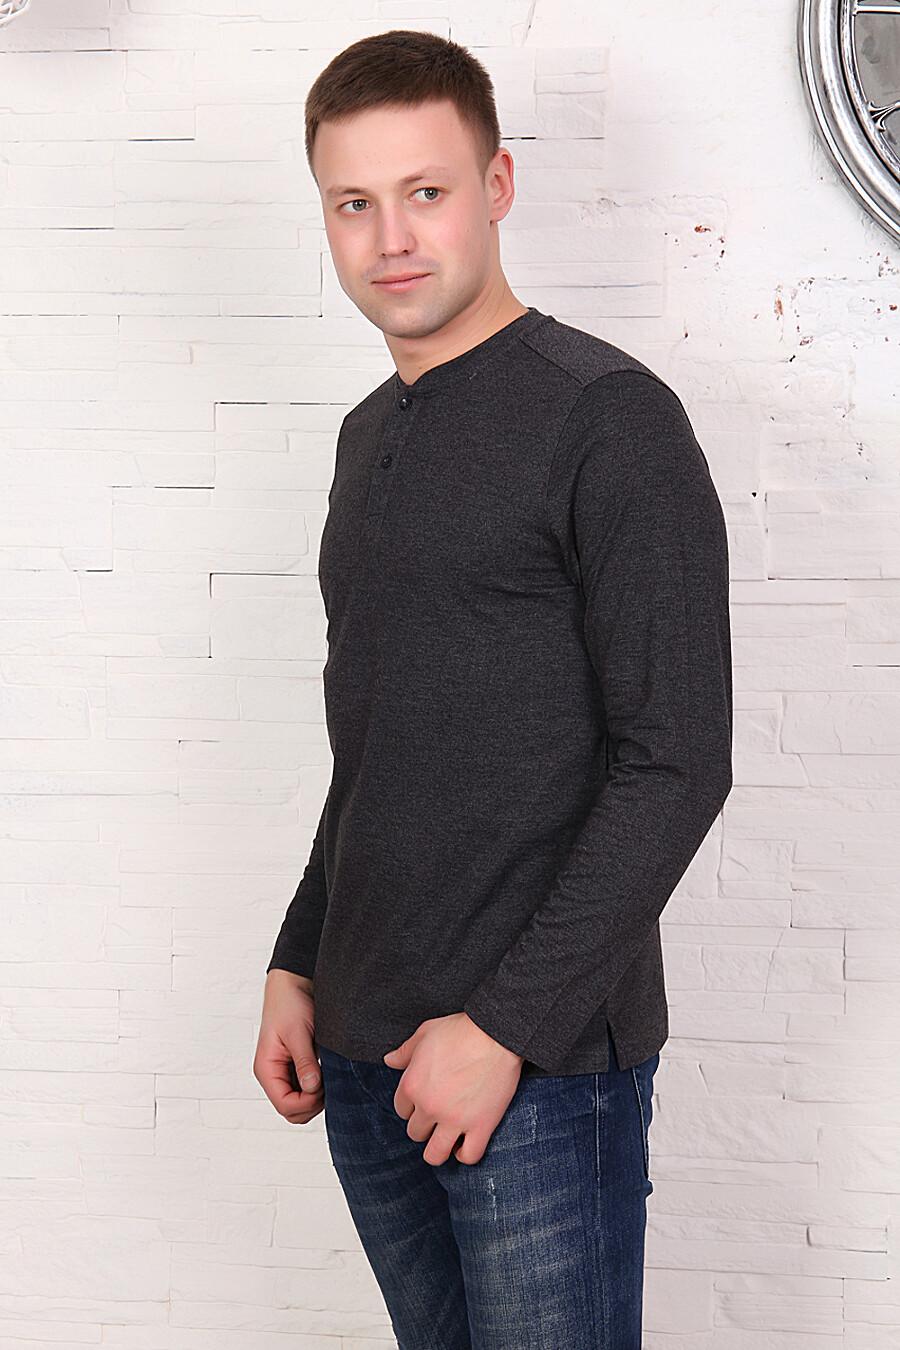 Футболка с дл. рукавом 26533 для мужчин НАТАЛИ 668164 купить оптом от производителя. Совместная покупка мужской одежды в OptMoyo